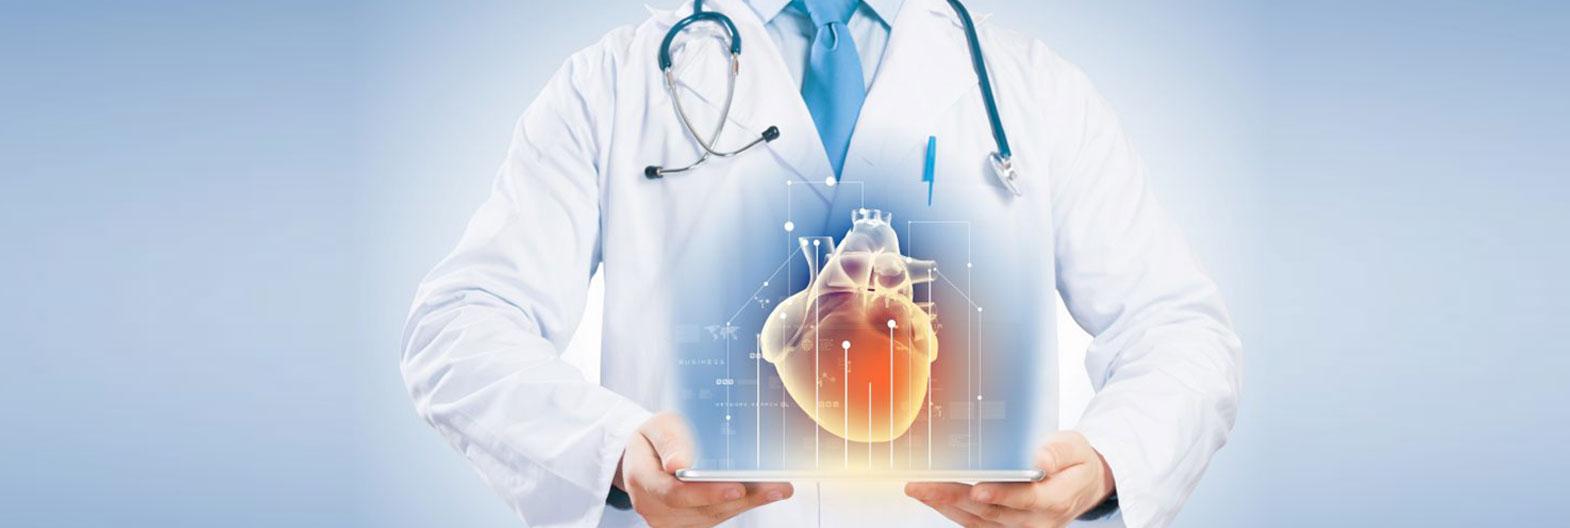 kūno drebulys hipertenzija actas nuo diabeto ir hipertenzijos